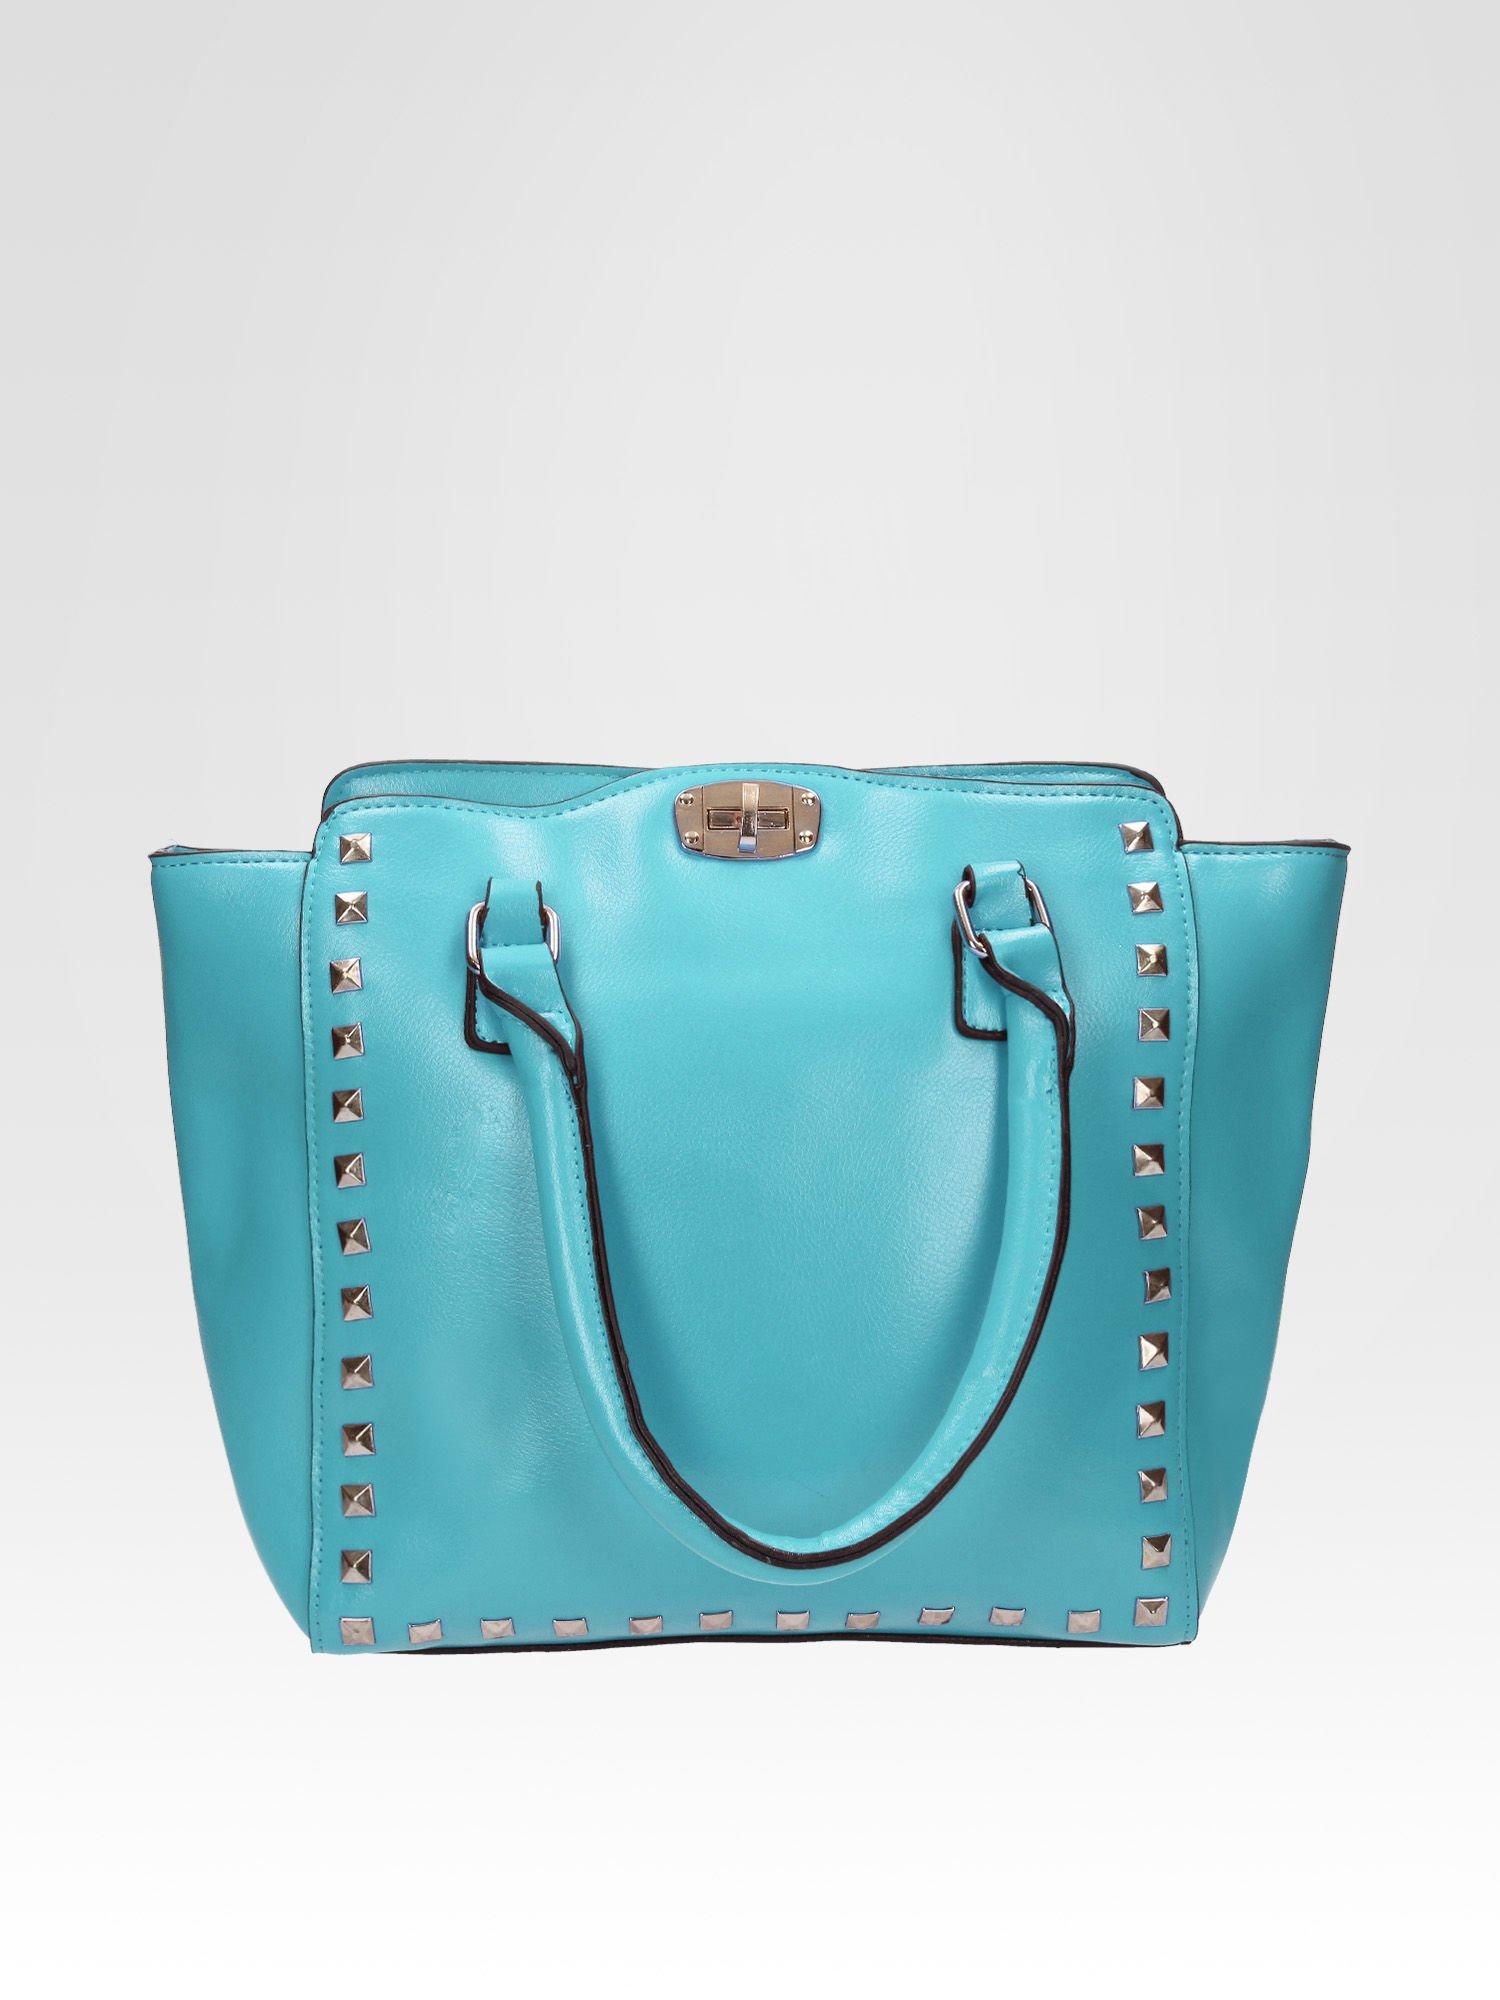 Niebieska torebka na ramię z dżetami                                  zdj.                                  1